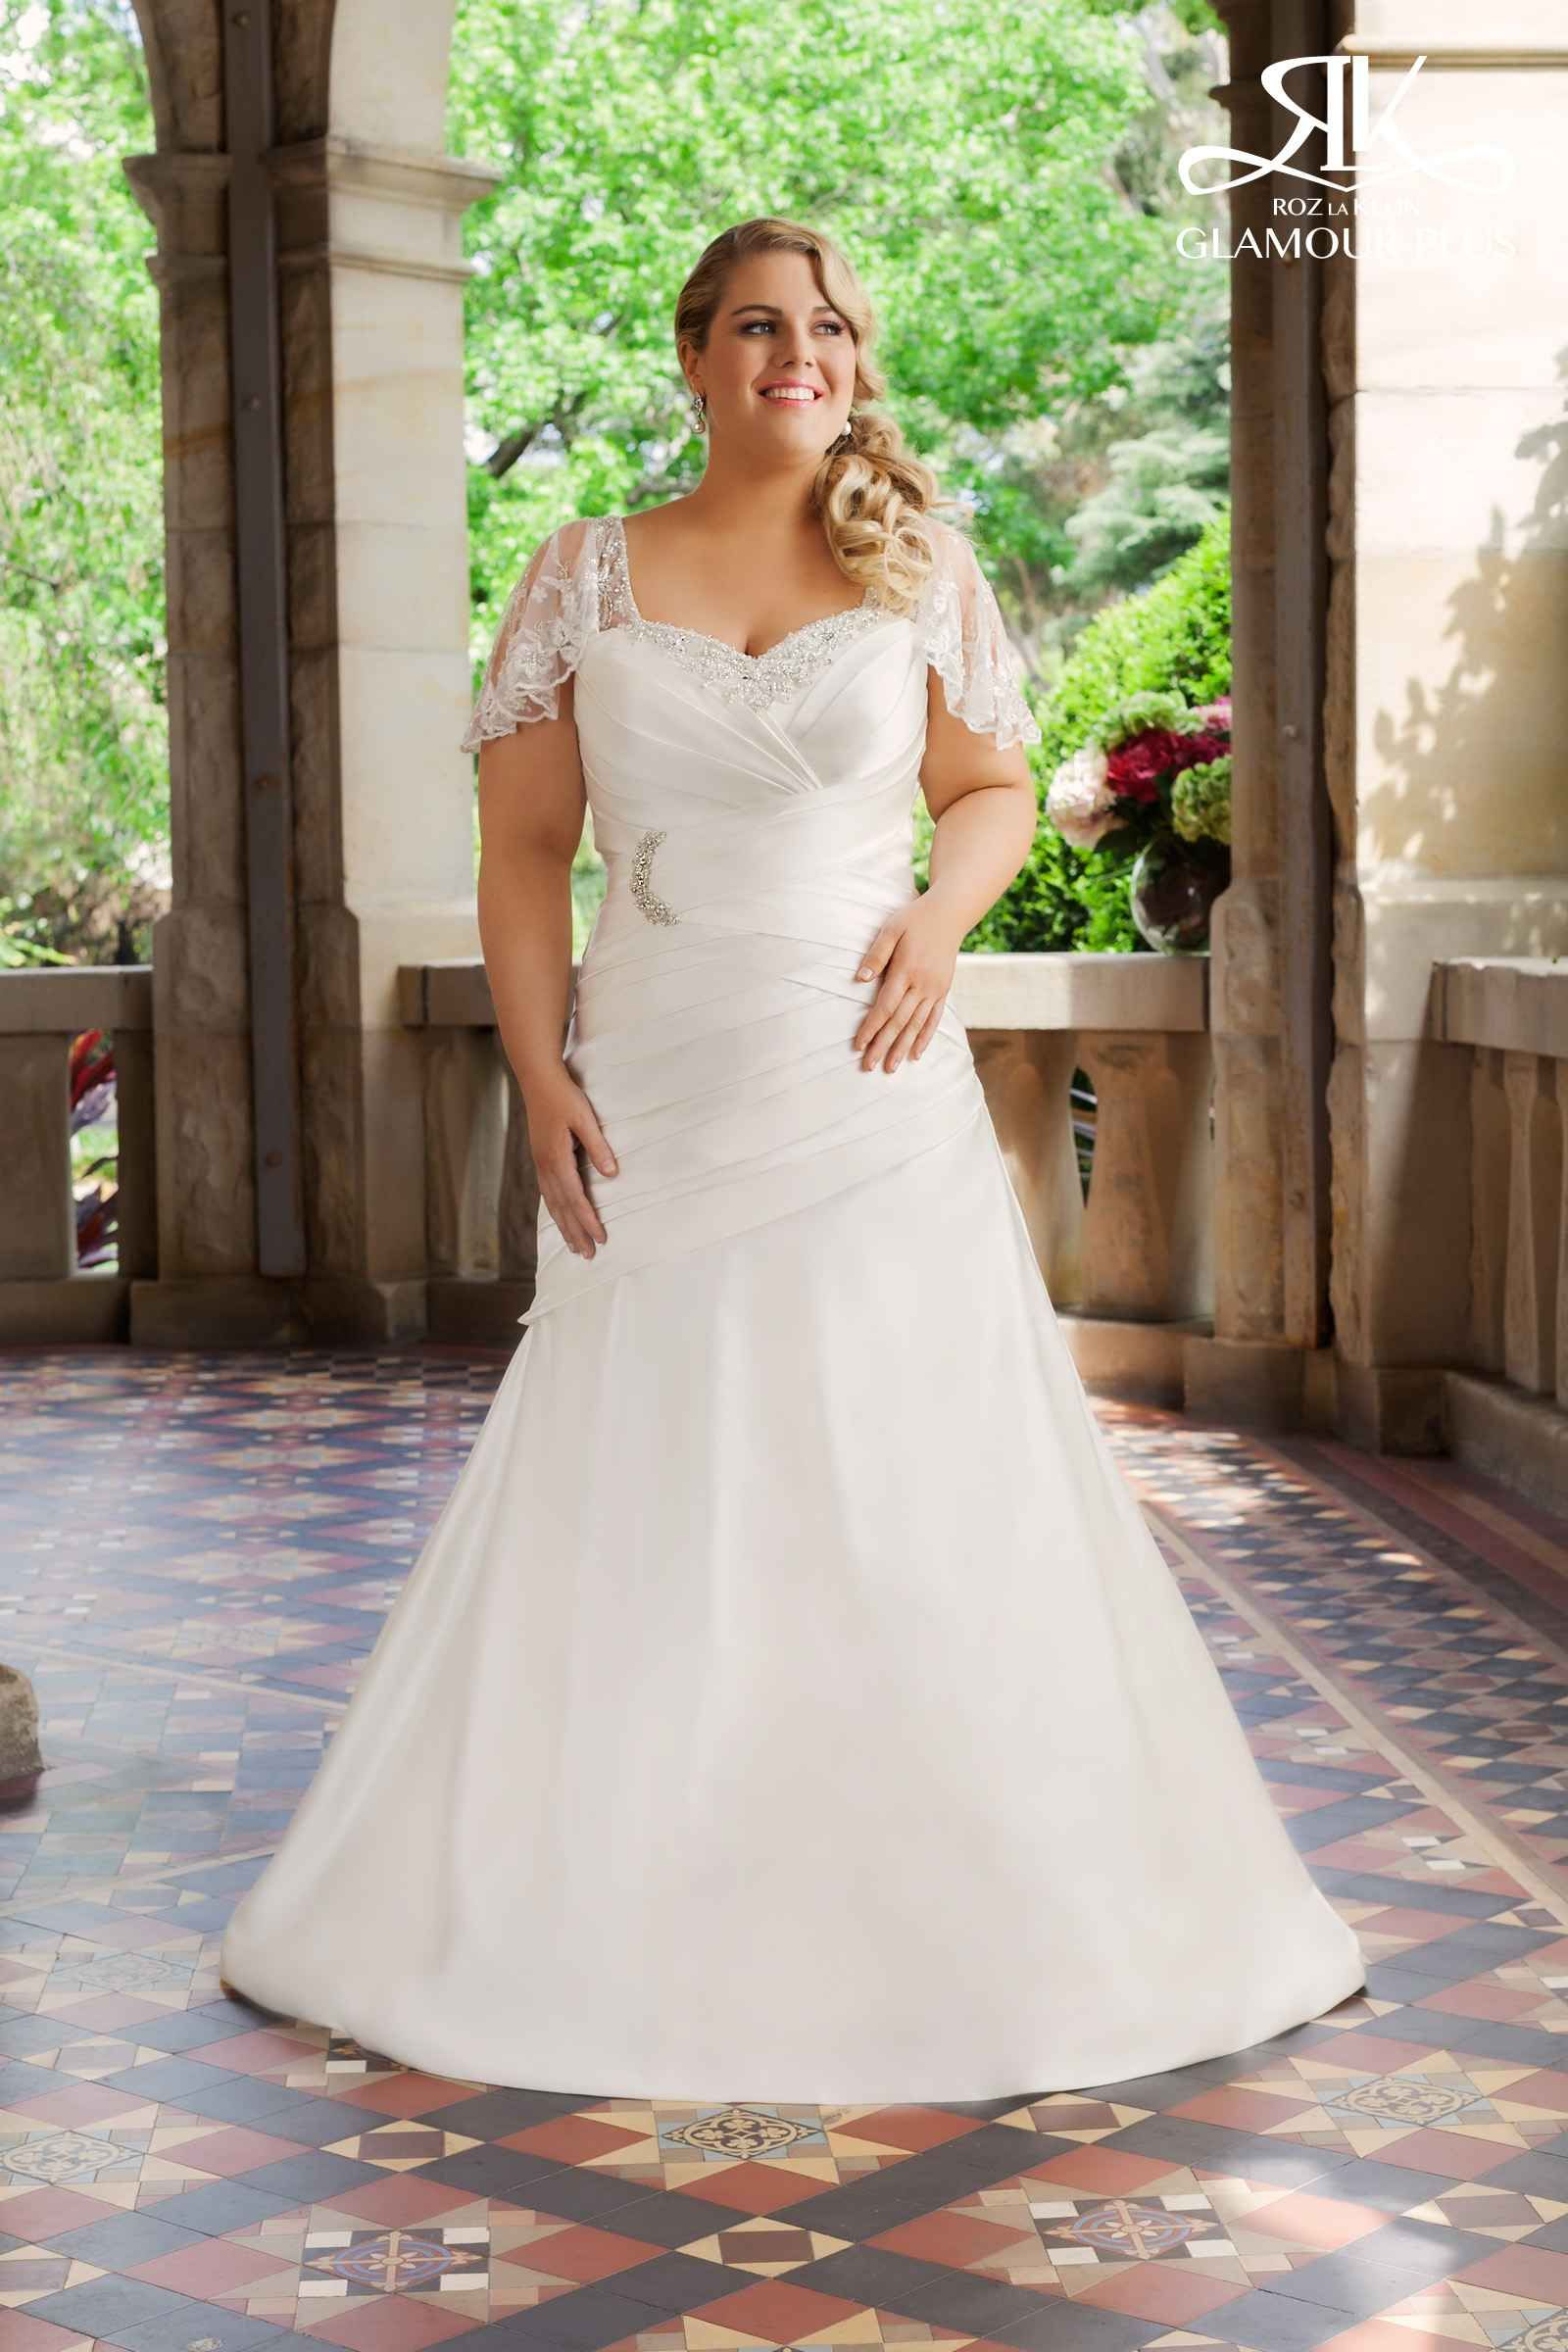 Wedding dresses for plus size brides  Plus size wedding dress idea  Glamour  Wedding Ideas  Pinterest